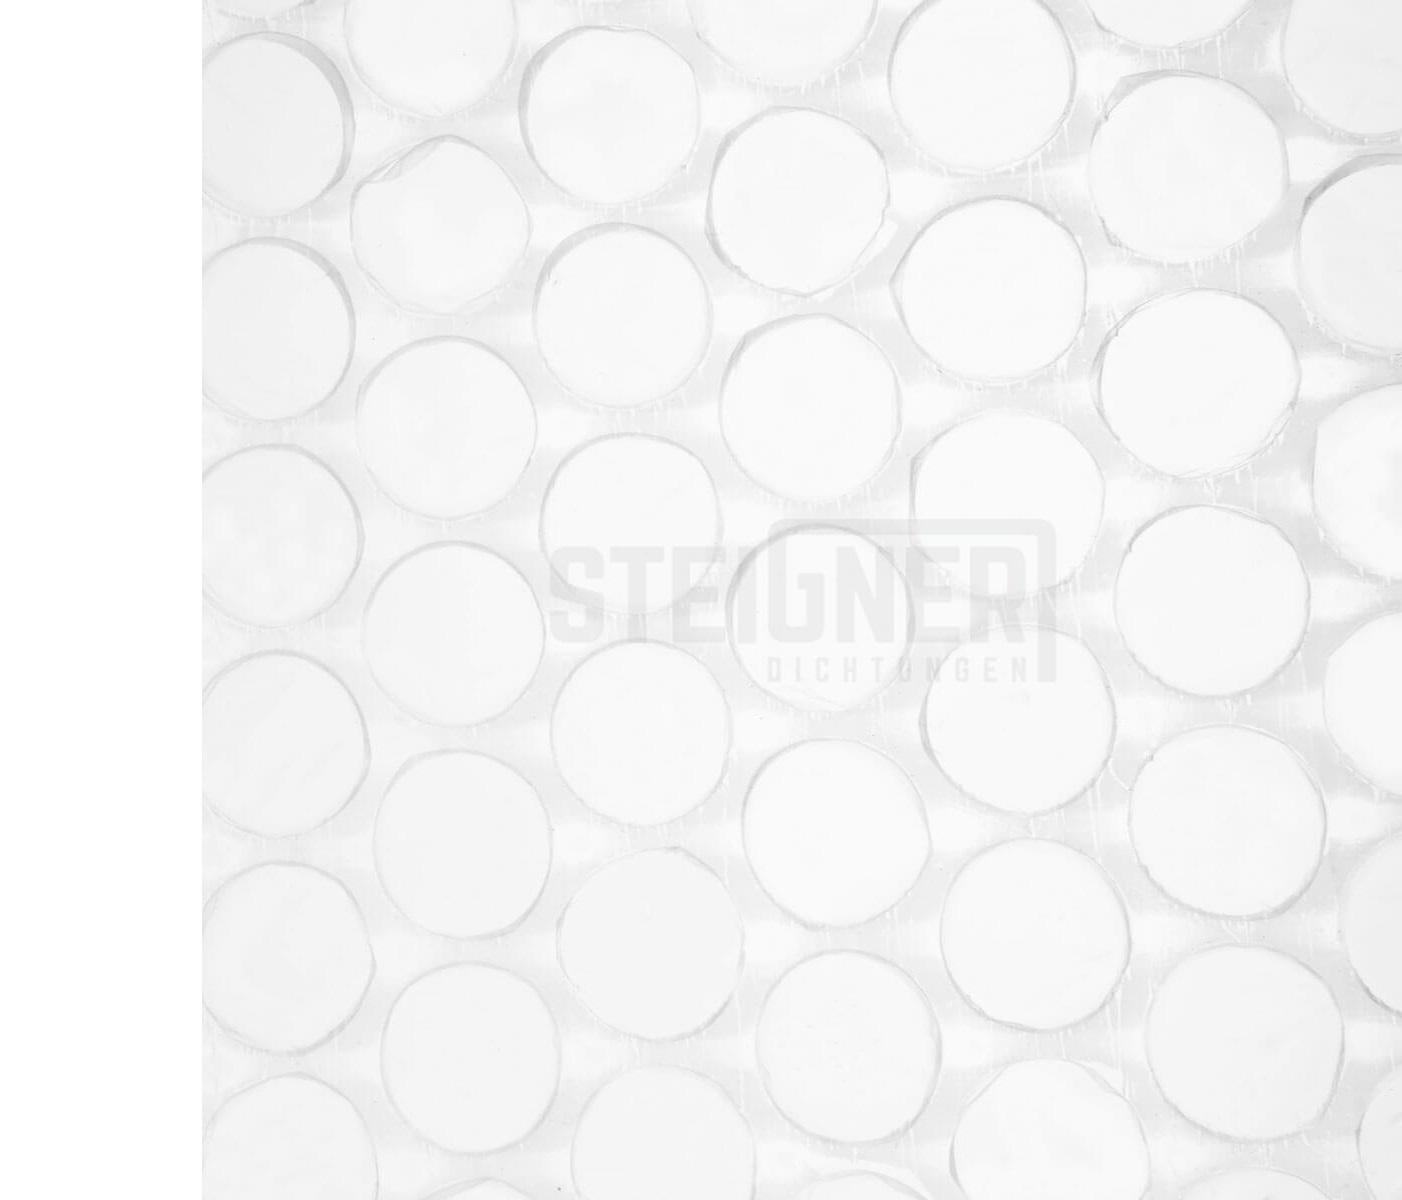 luftpolsterfolie kaufen jetzt bestellbar im online shop jumbo blog. Black Bedroom Furniture Sets. Home Design Ideas